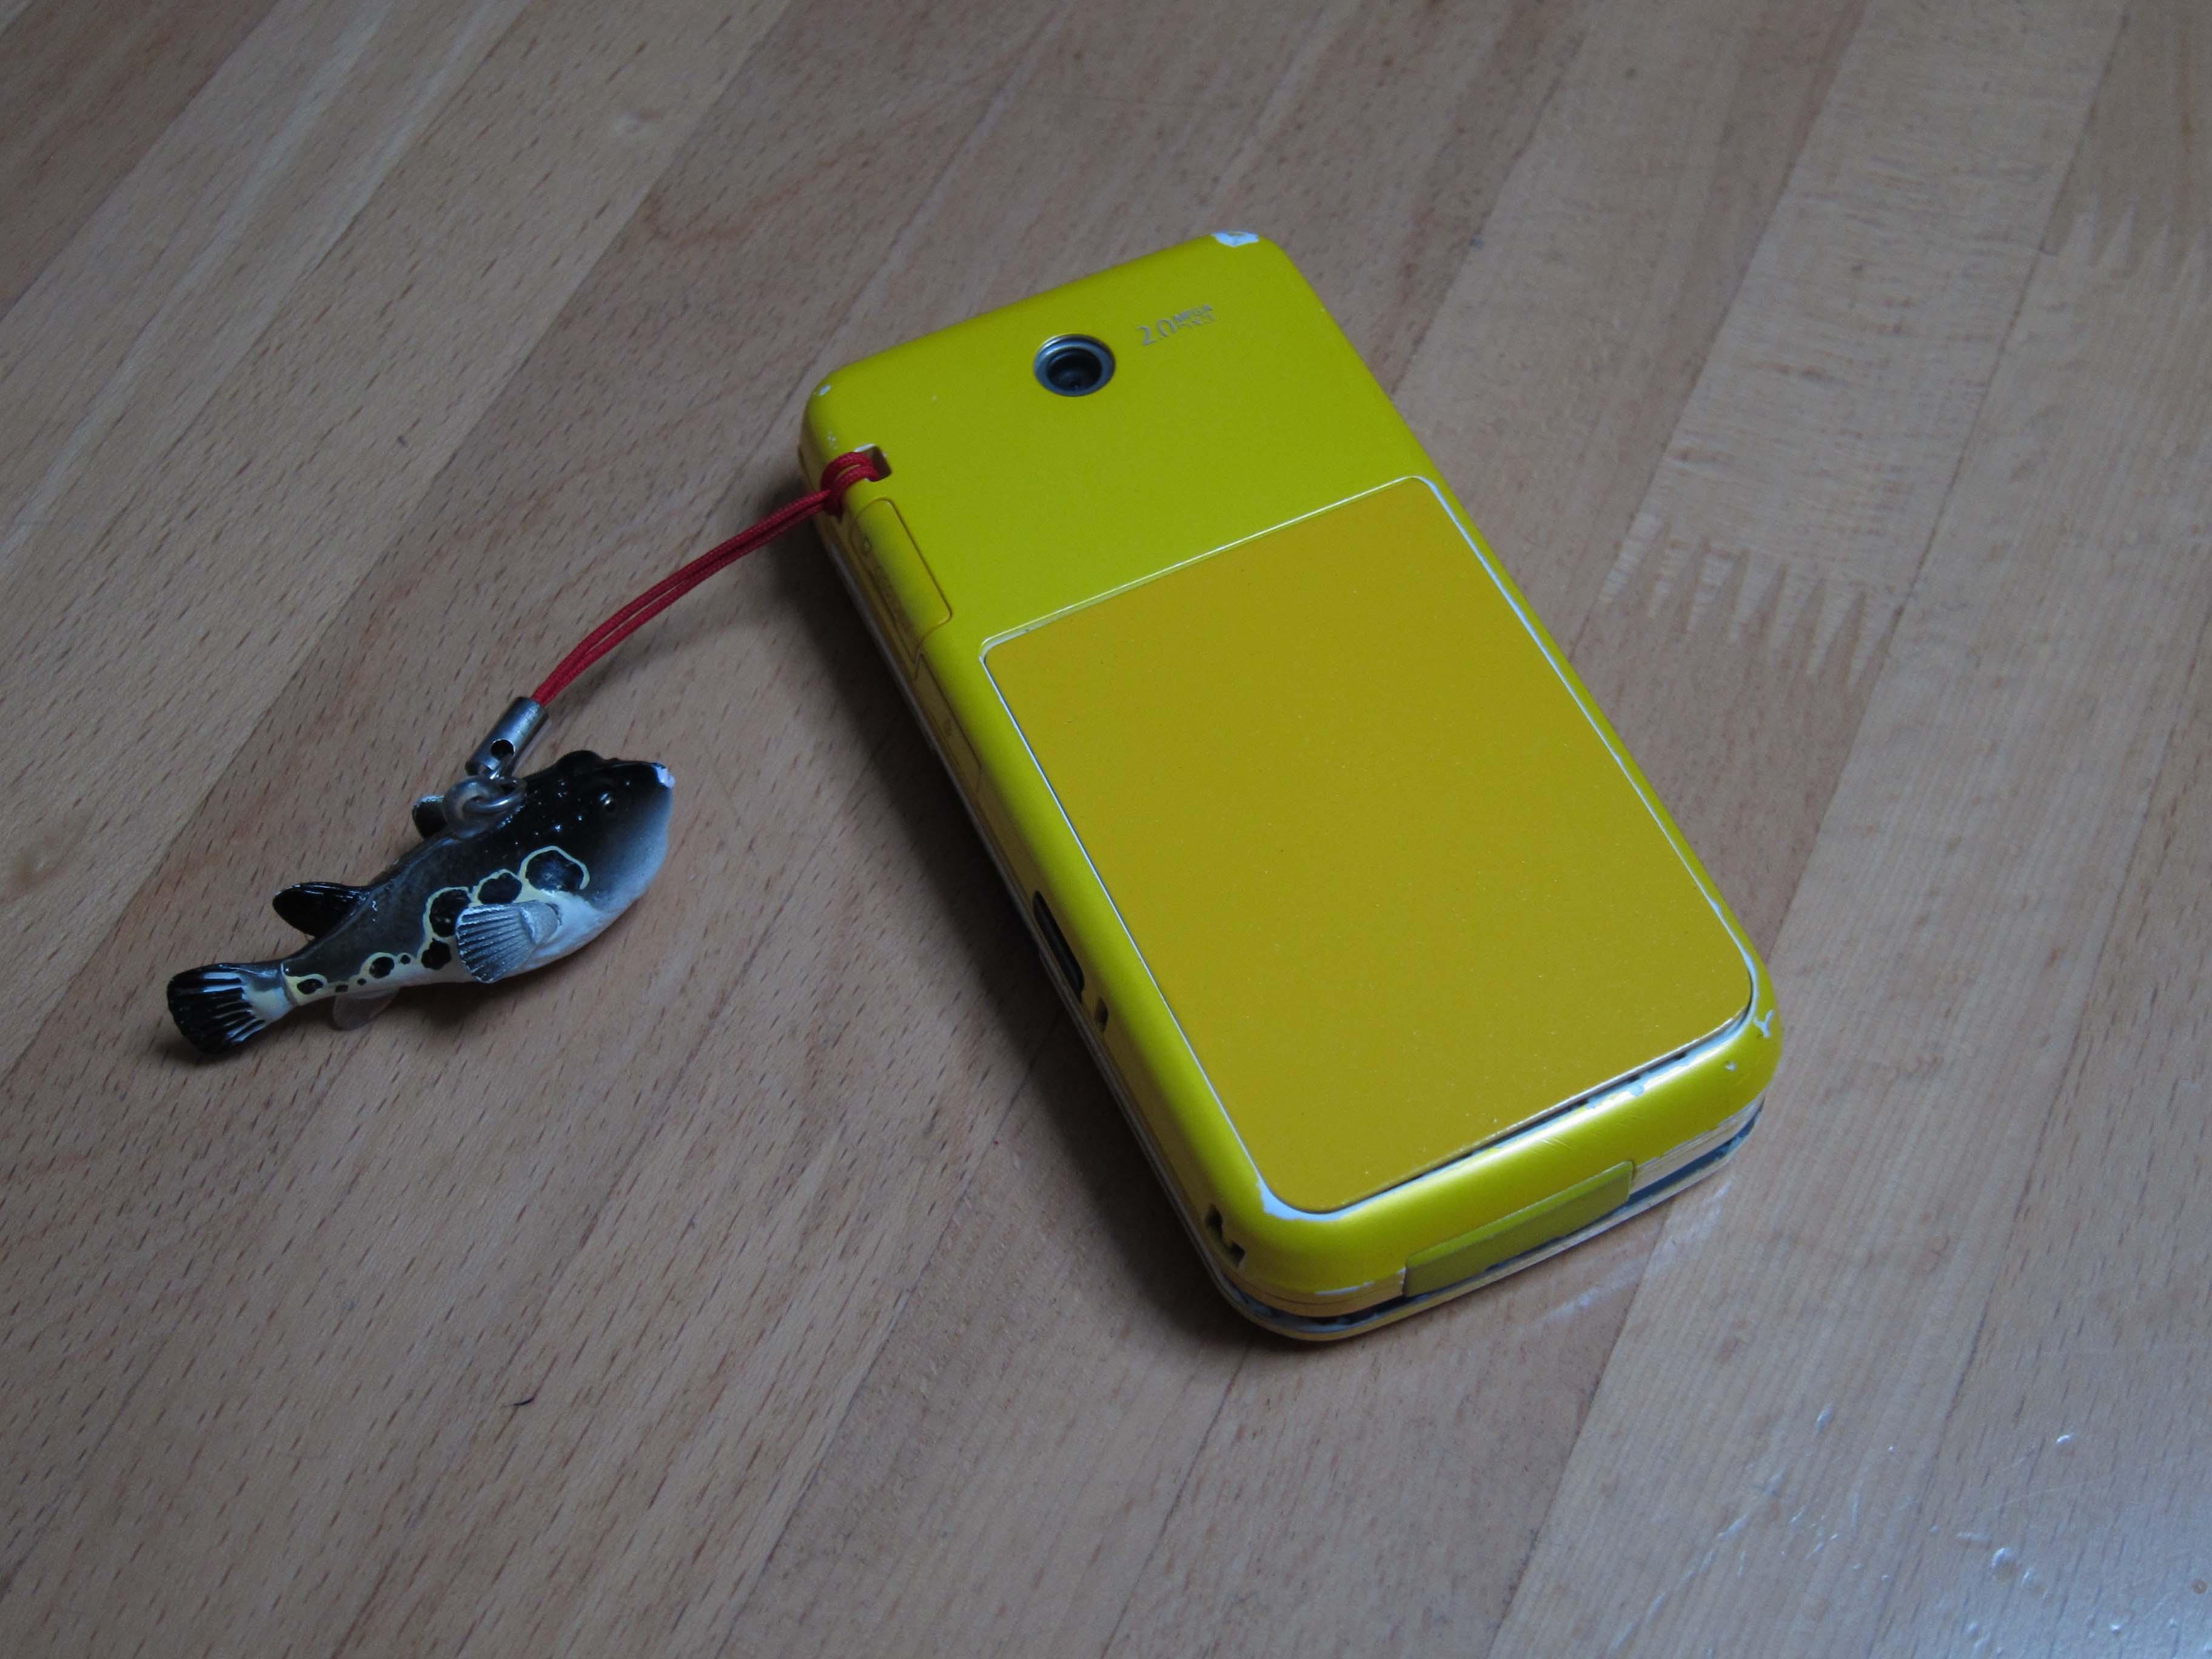 妹の携帯の電池フタ制作記 その3 完成編_c0166765_11493217.jpg